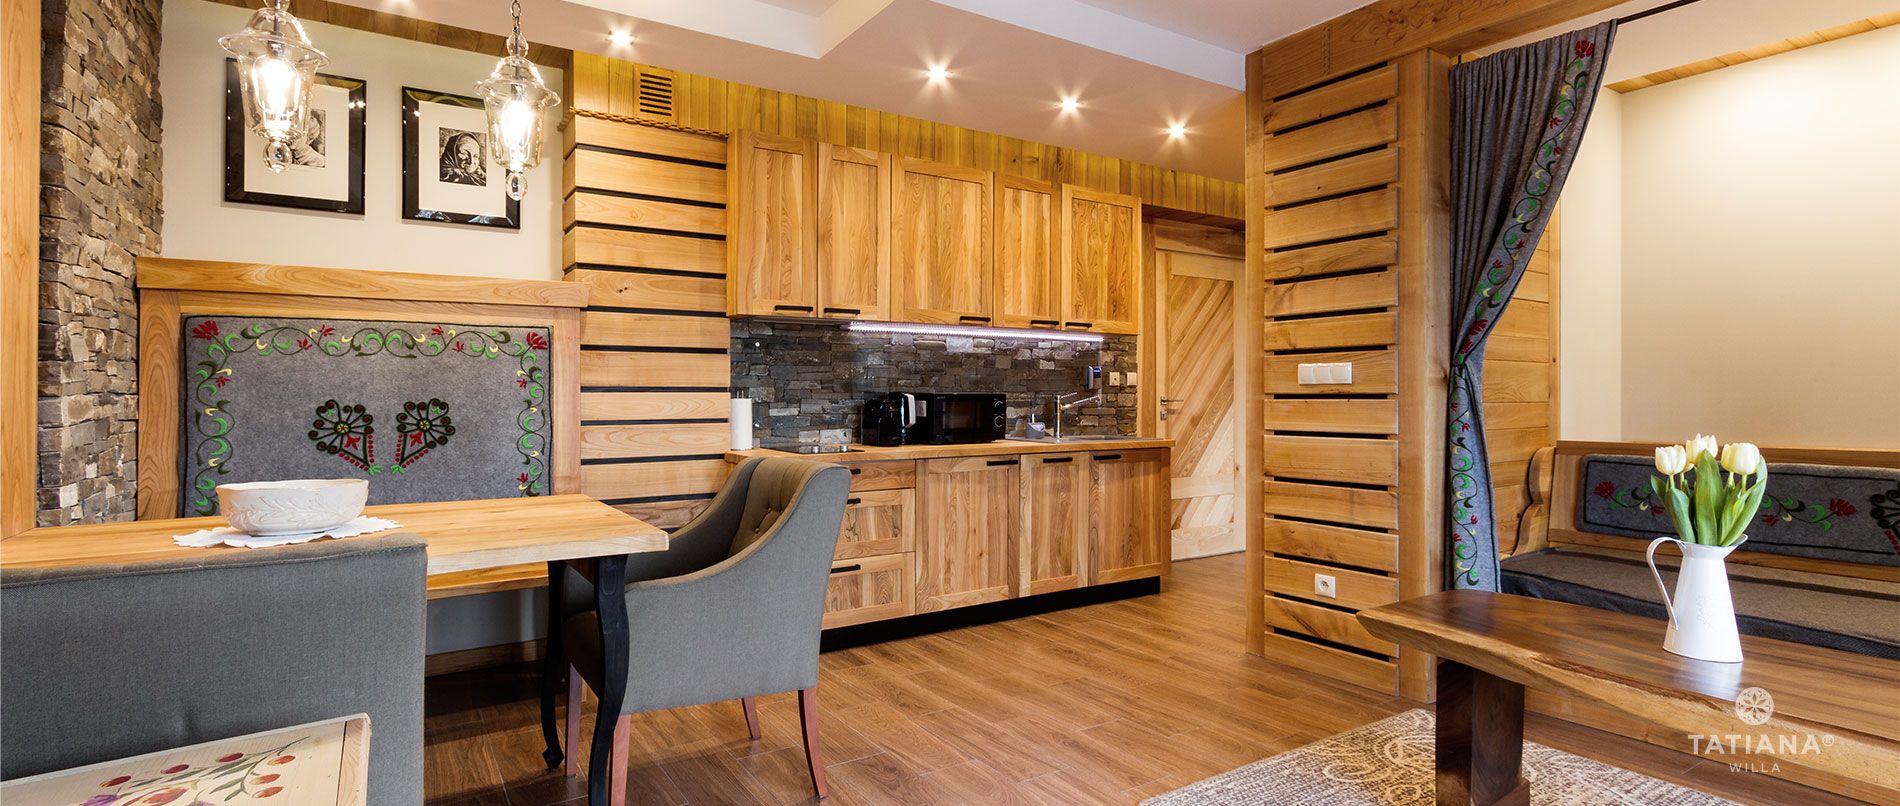 Apartament Czereśniowy- salon